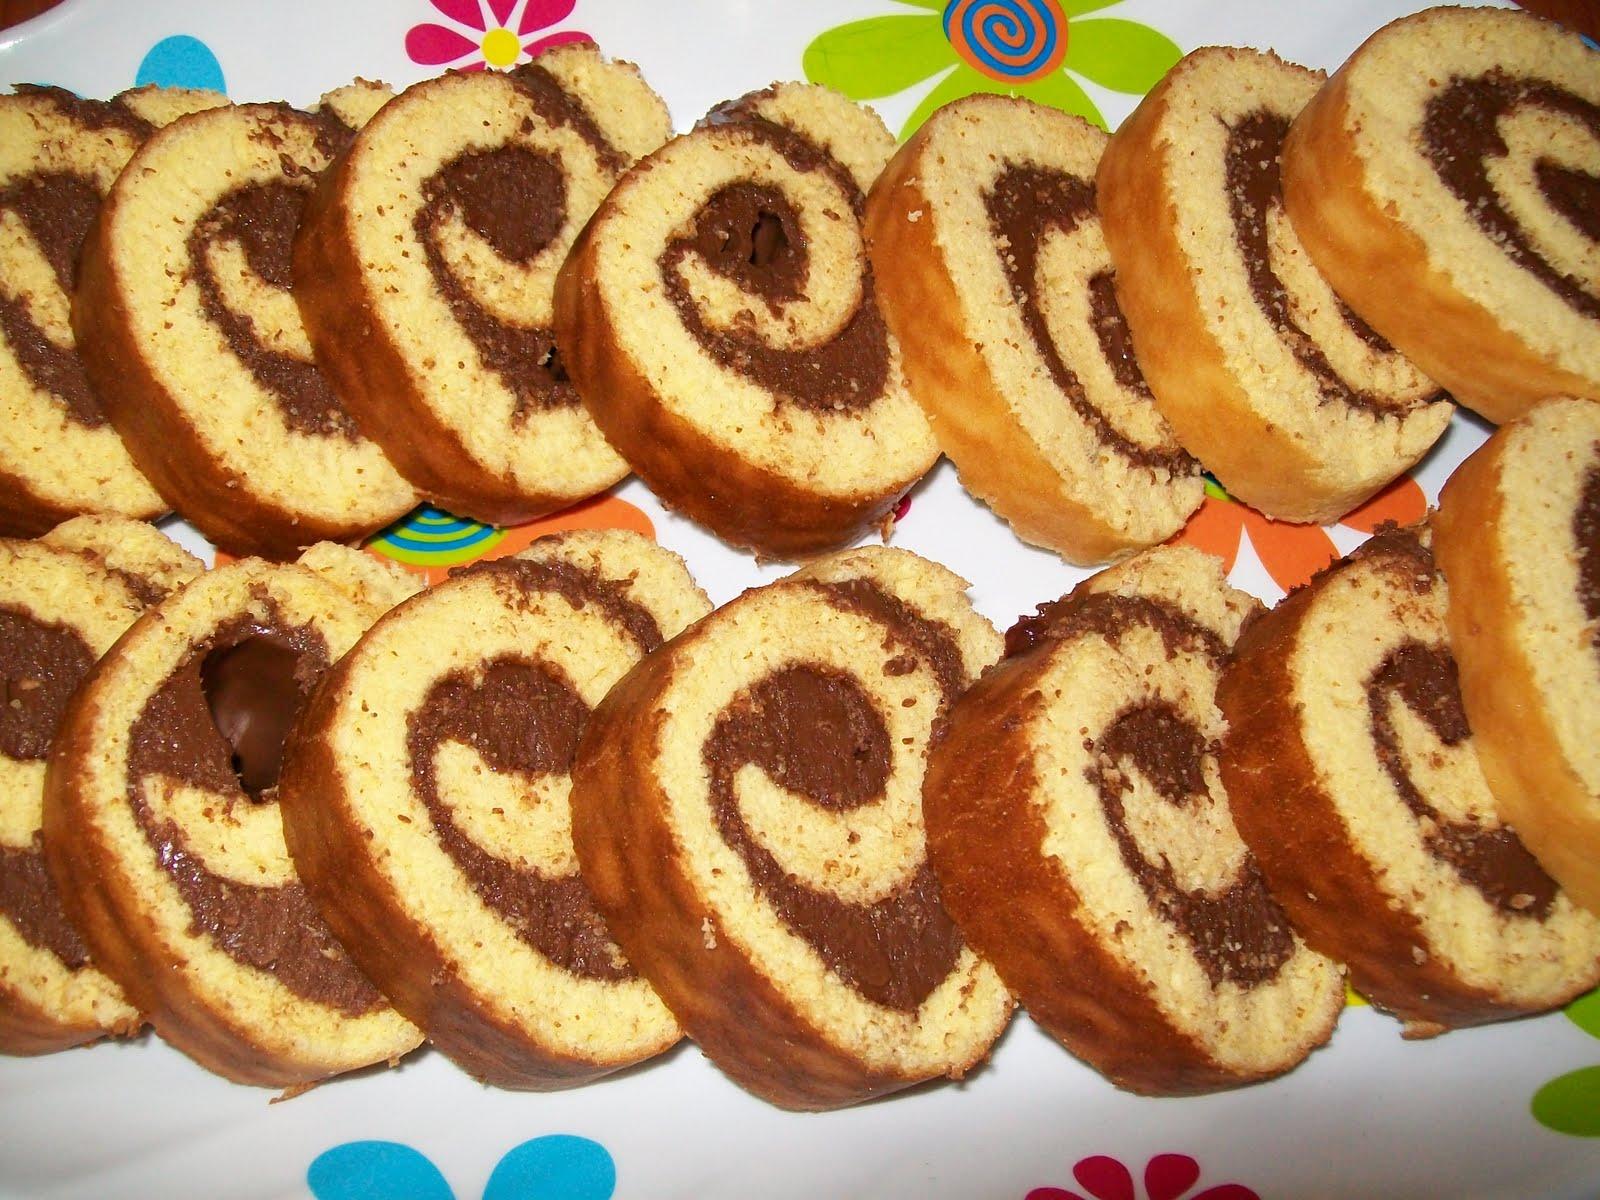 Ricetta Pan Di Spagna Rotolo.Rotolo Di Pan Di Spagna Con Nutella 3 3 5